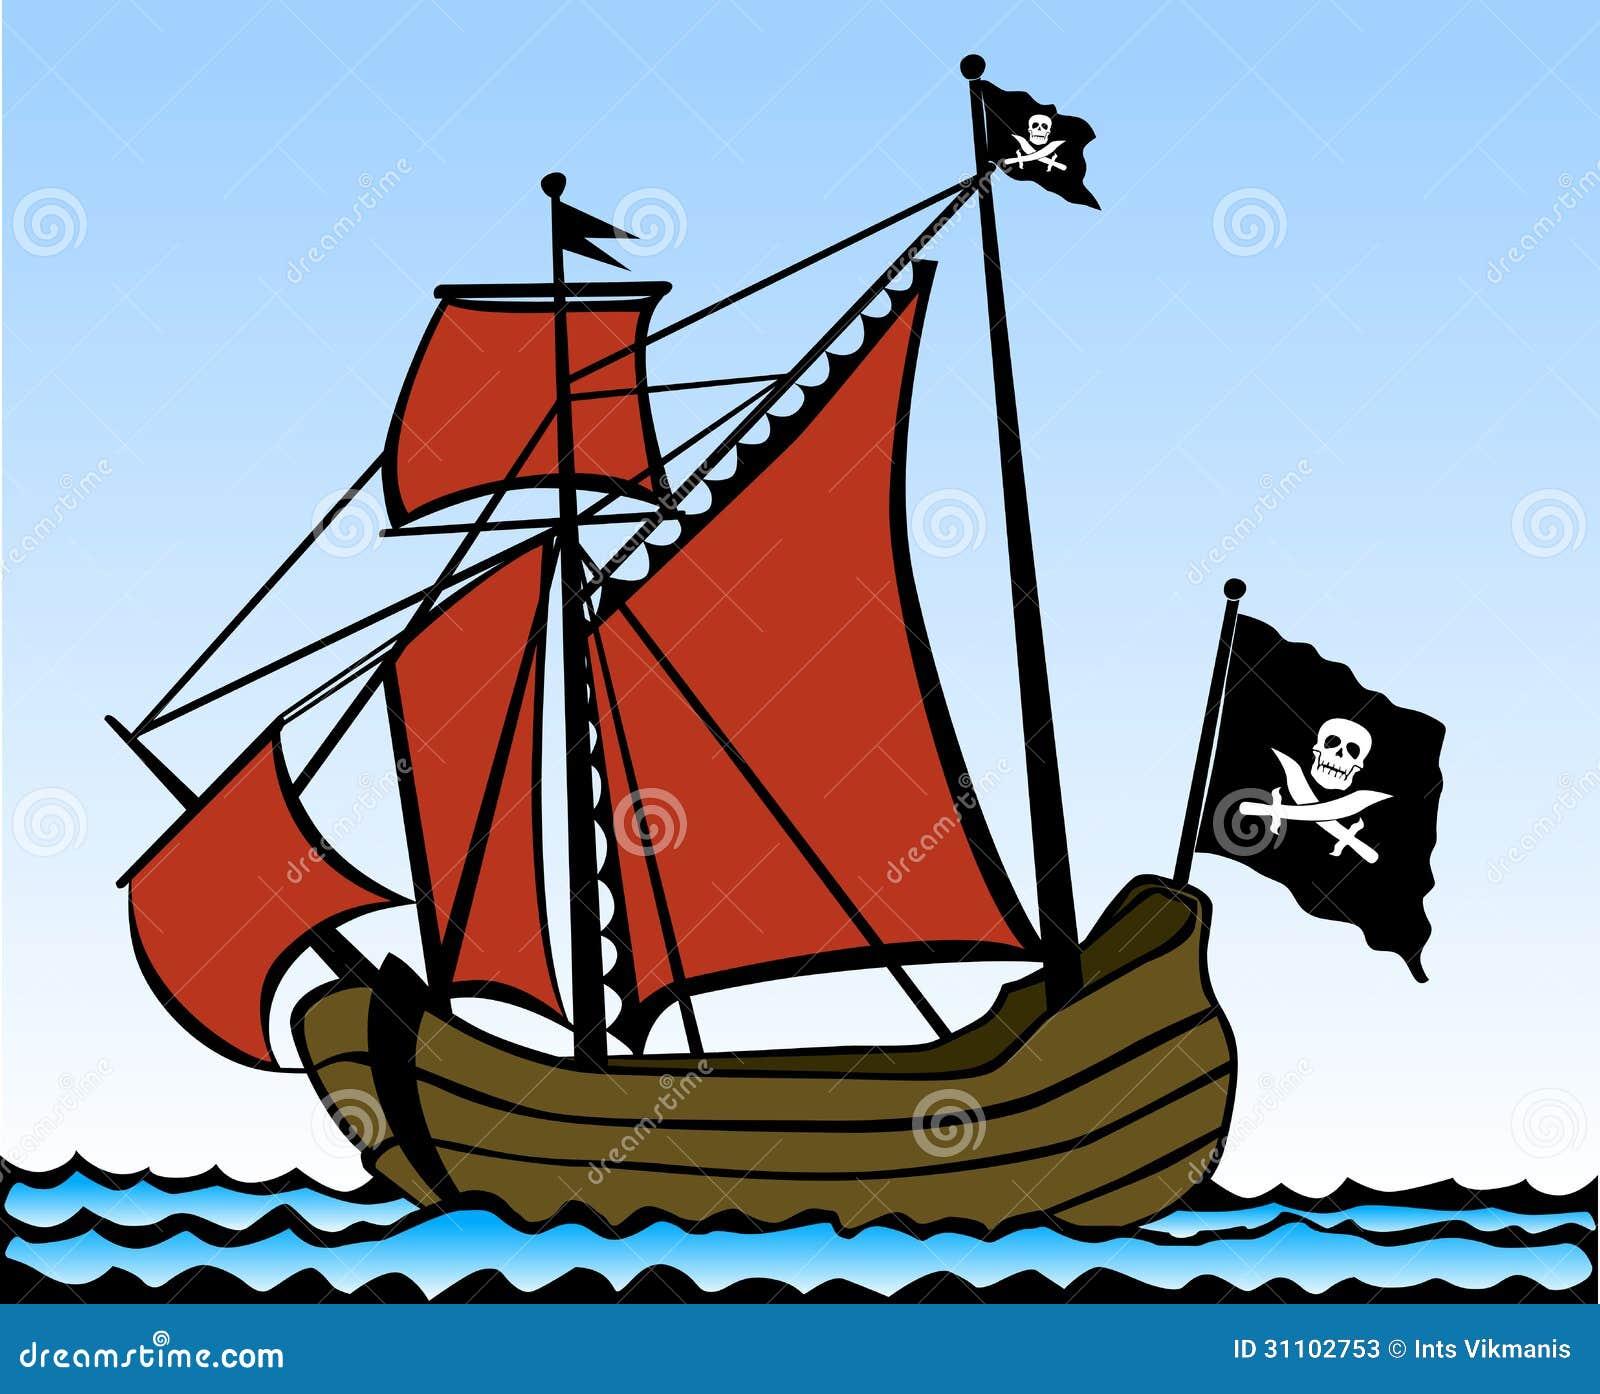 Favorit Piraten-Schiff vektor abbildung. Illustration von reiseflug - 31102753 FZ69